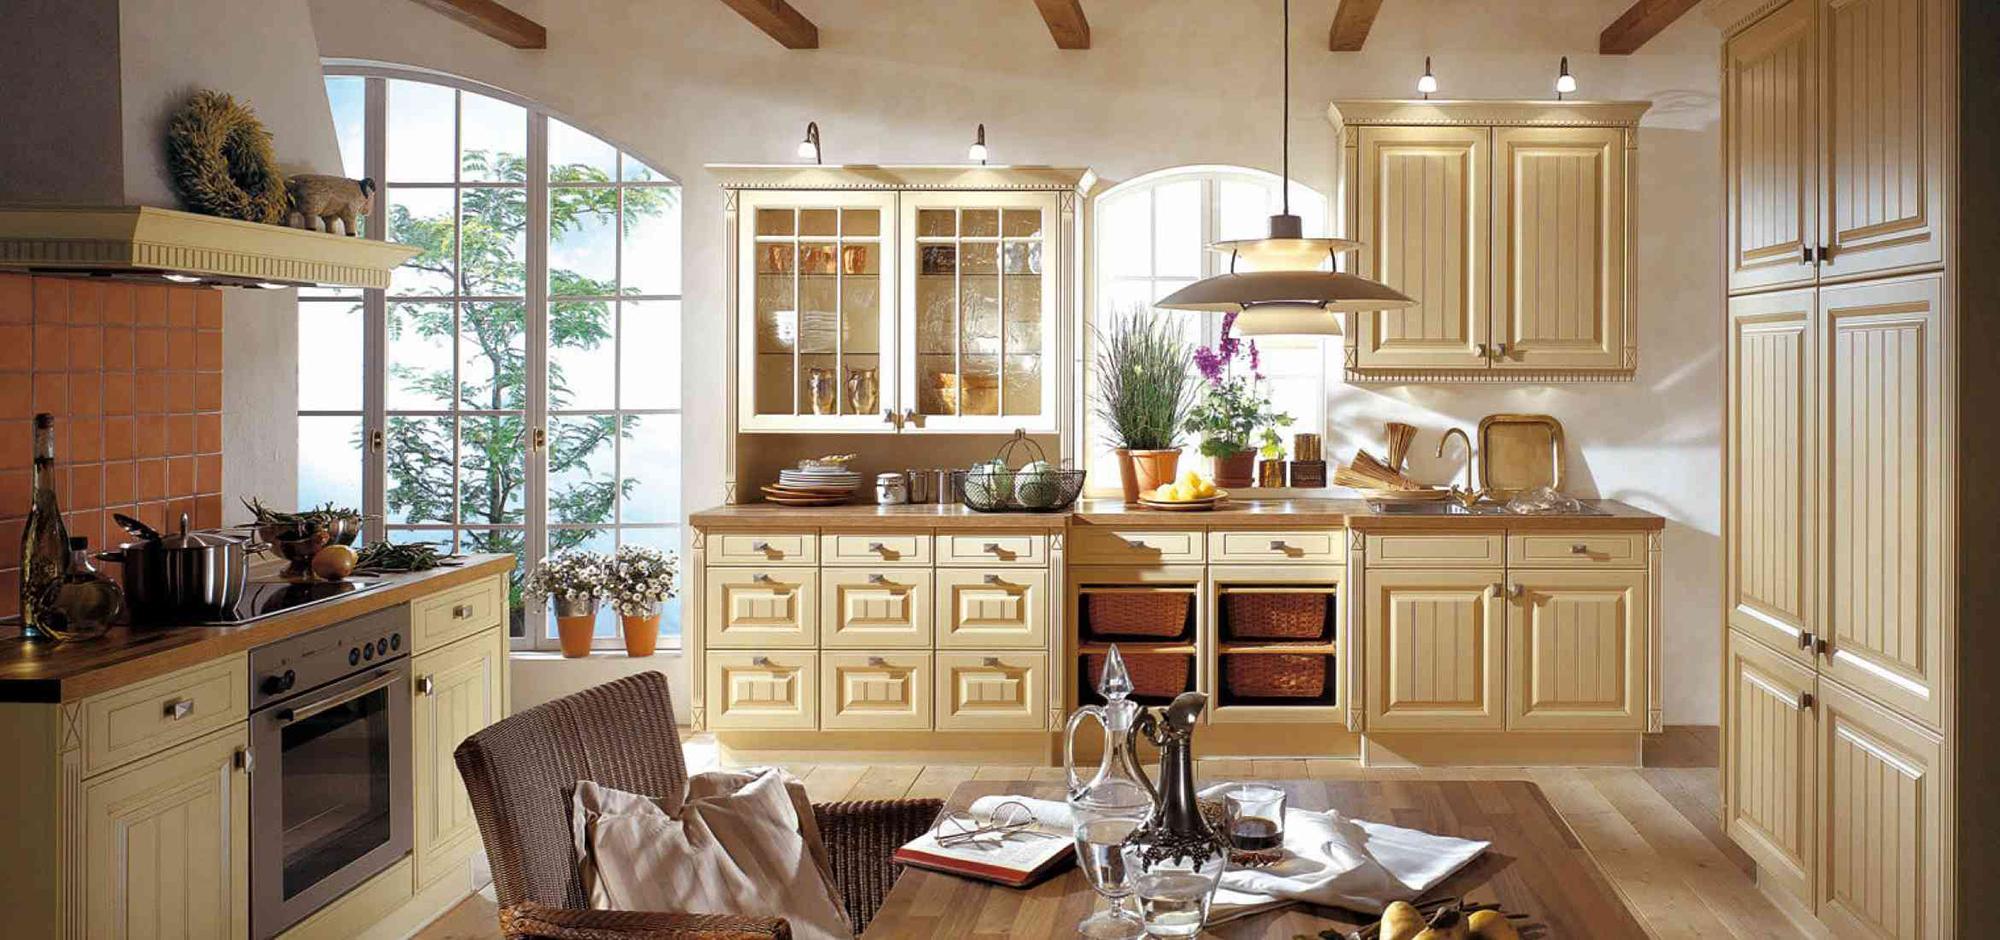 Белые стены и деревянный пол на кухне в стиле шебби-шик